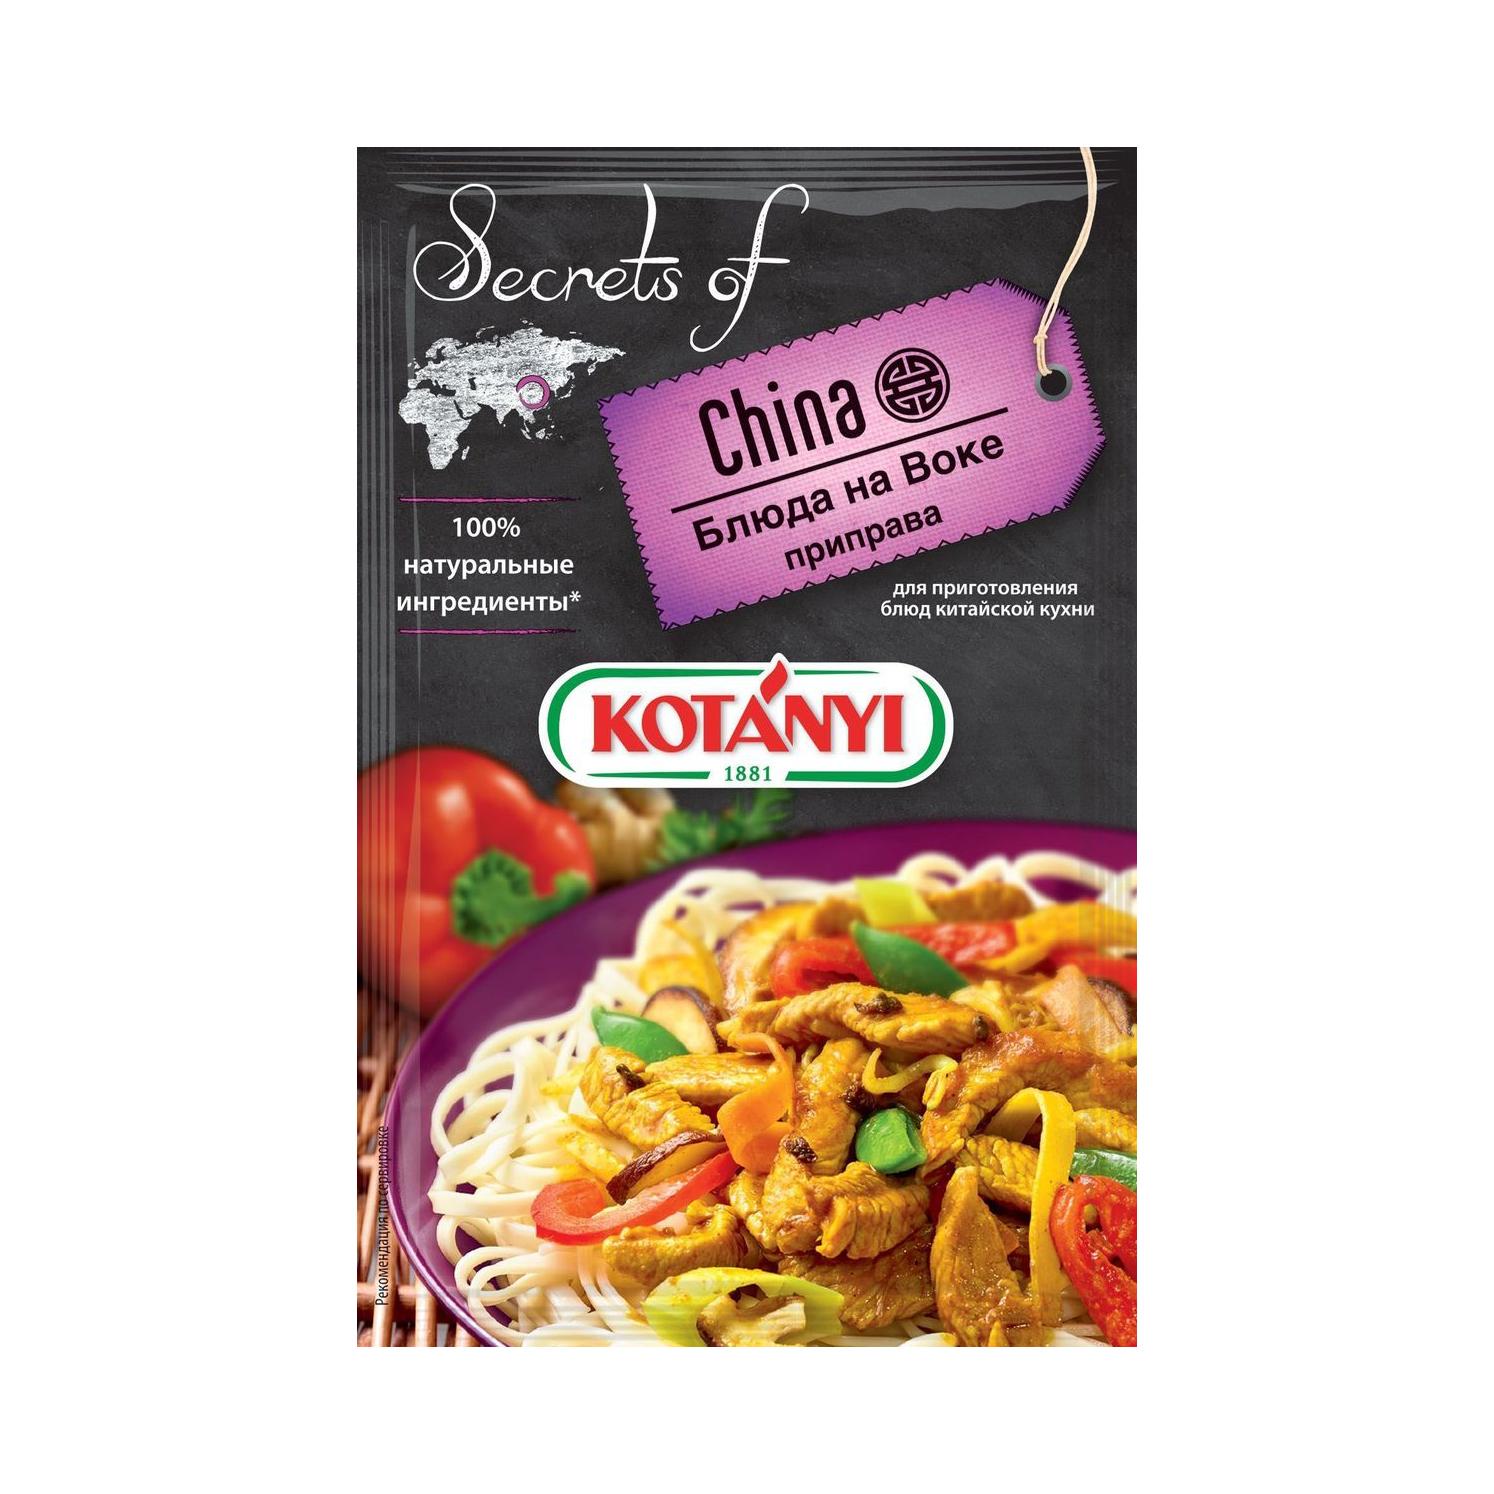 Приправа Kotanyi для блюд на воке 20 г приправа kotanyi для блюд на воке 20 г